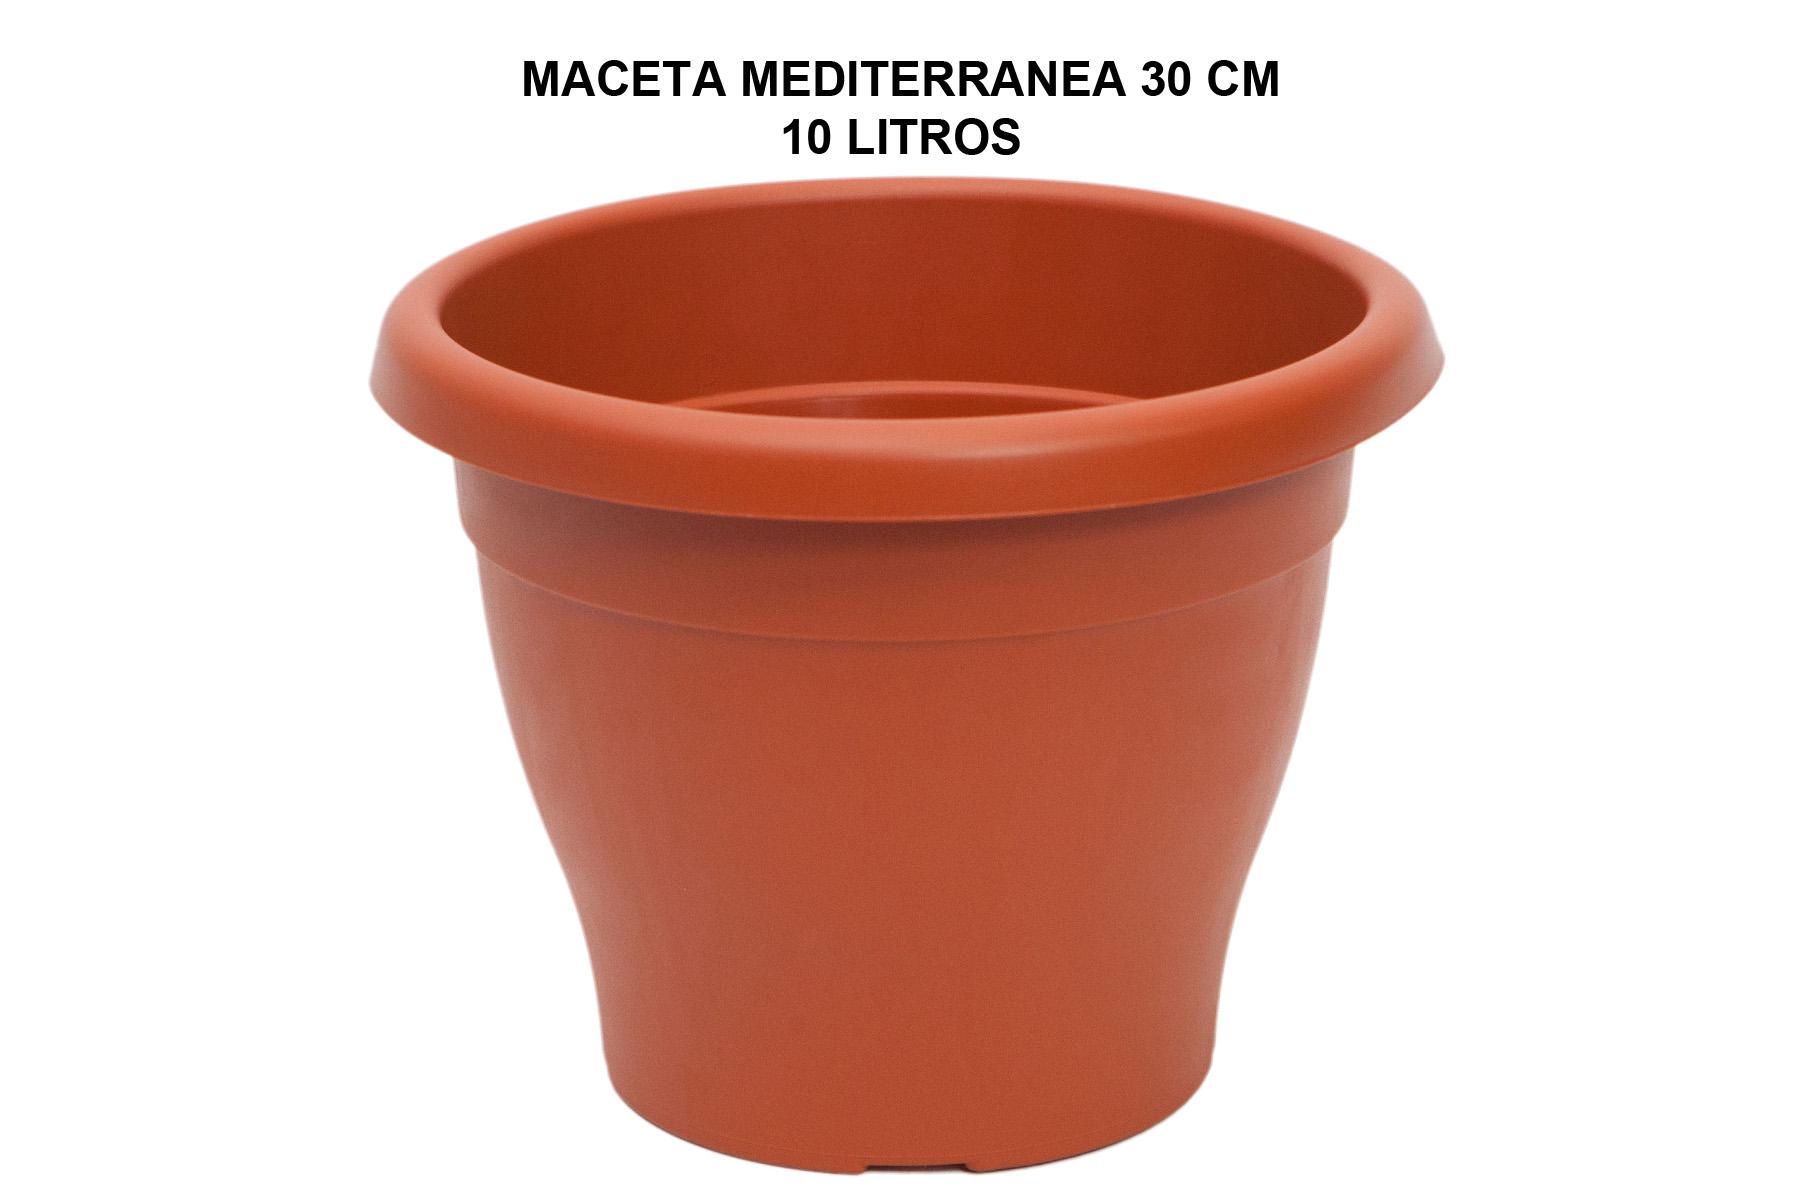 MACETA MEDITERRANEA 30 CM P